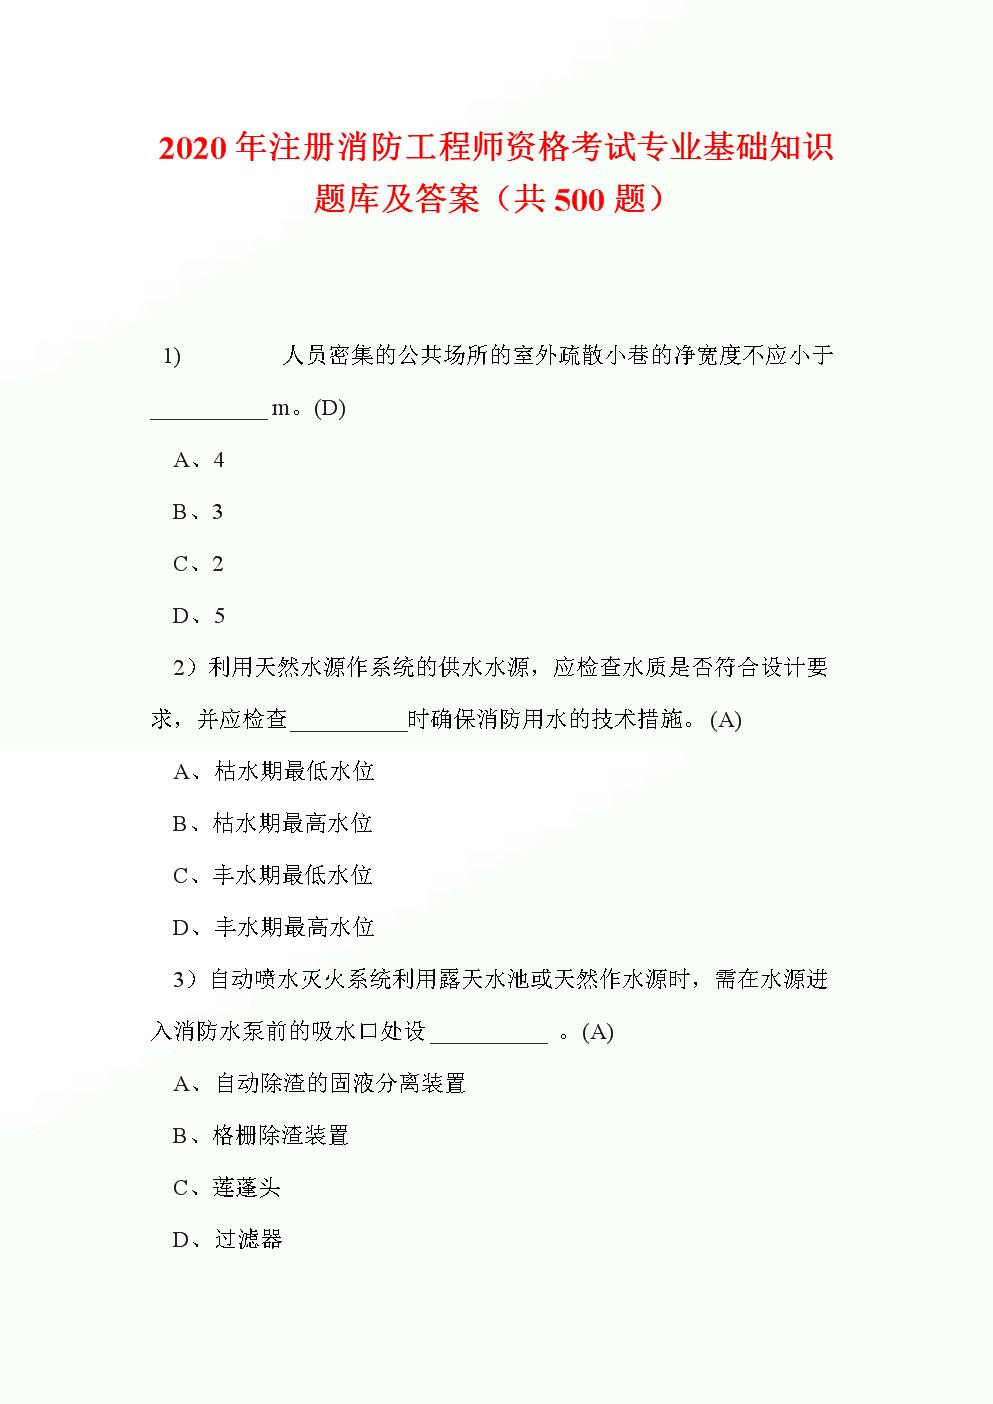 2020年注册消防工程师资格考试专业基础知识题库及答案(共500题).doc